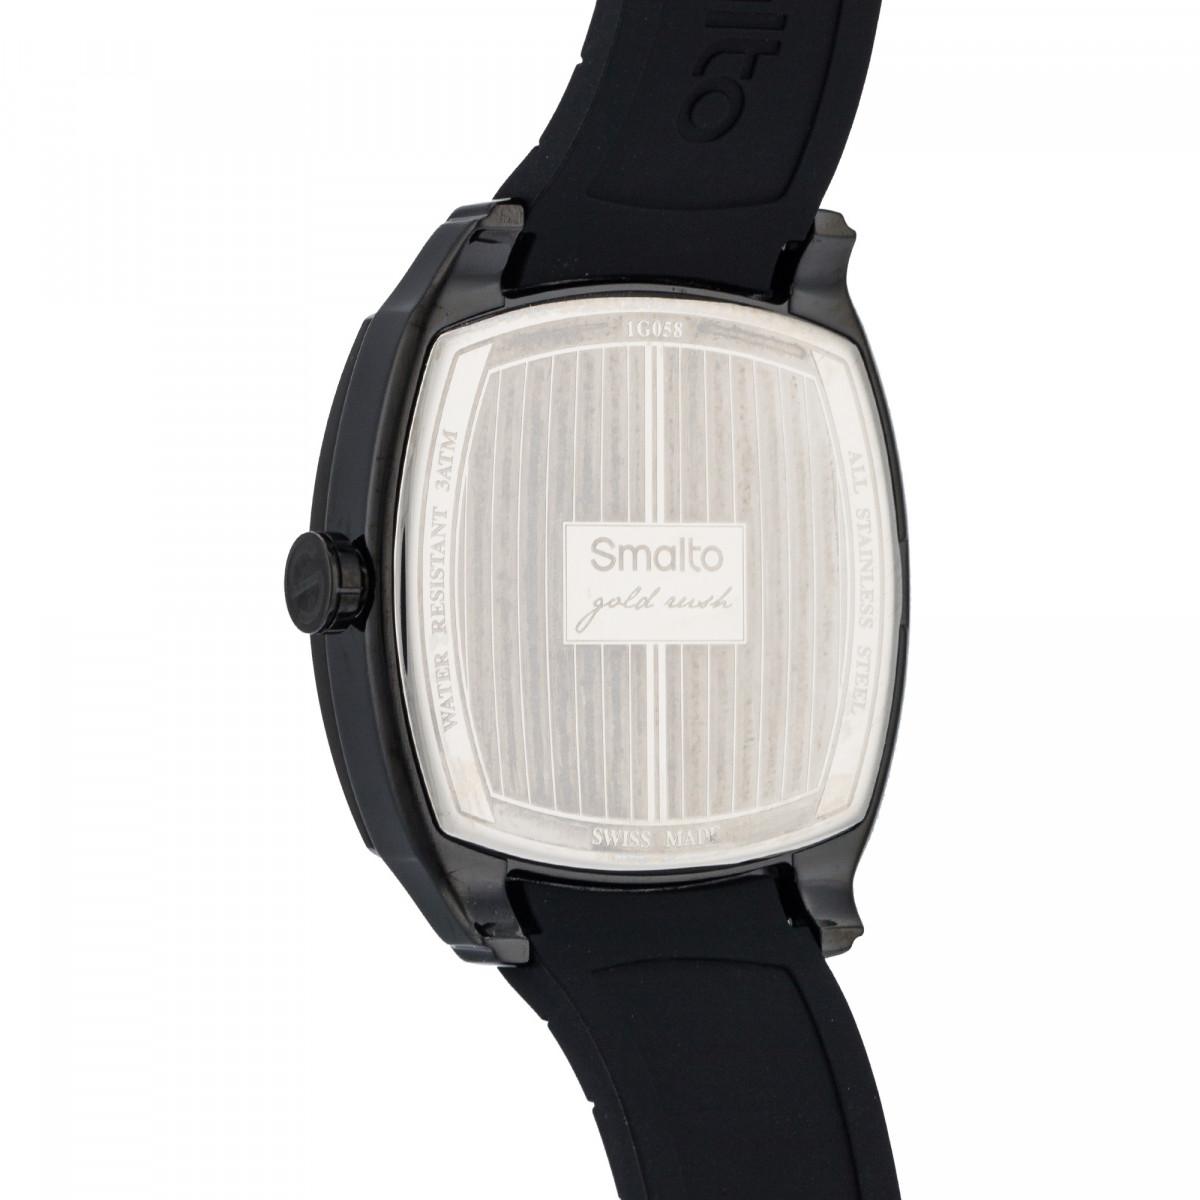 Montre Smalto Homme GR-12 - SNMG81C7BS1